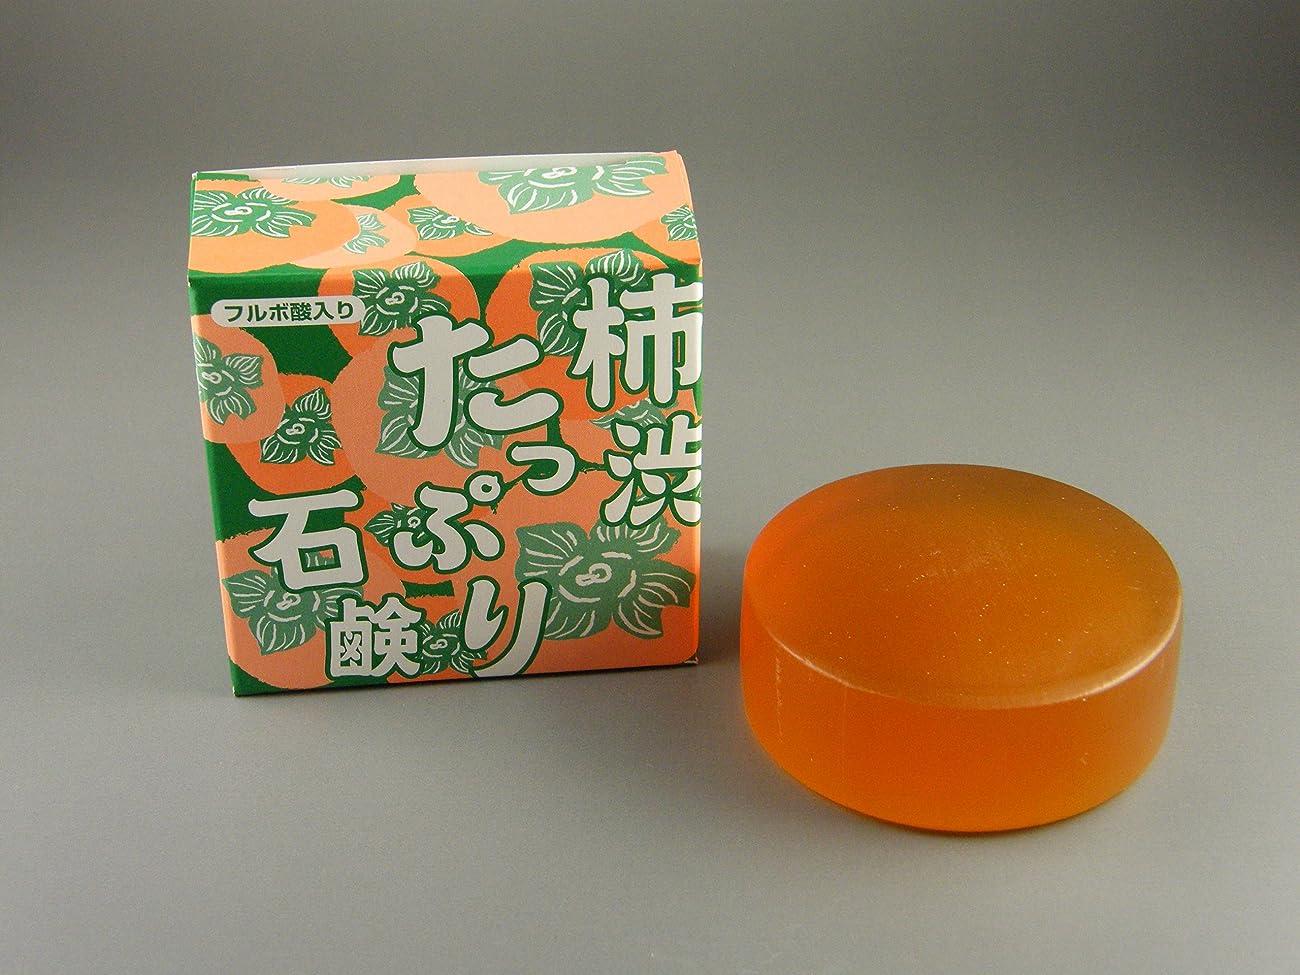 ジョージバーナードおとうさん歯車柿渋たっぷり石鹸 100g(フルボ酸入り)